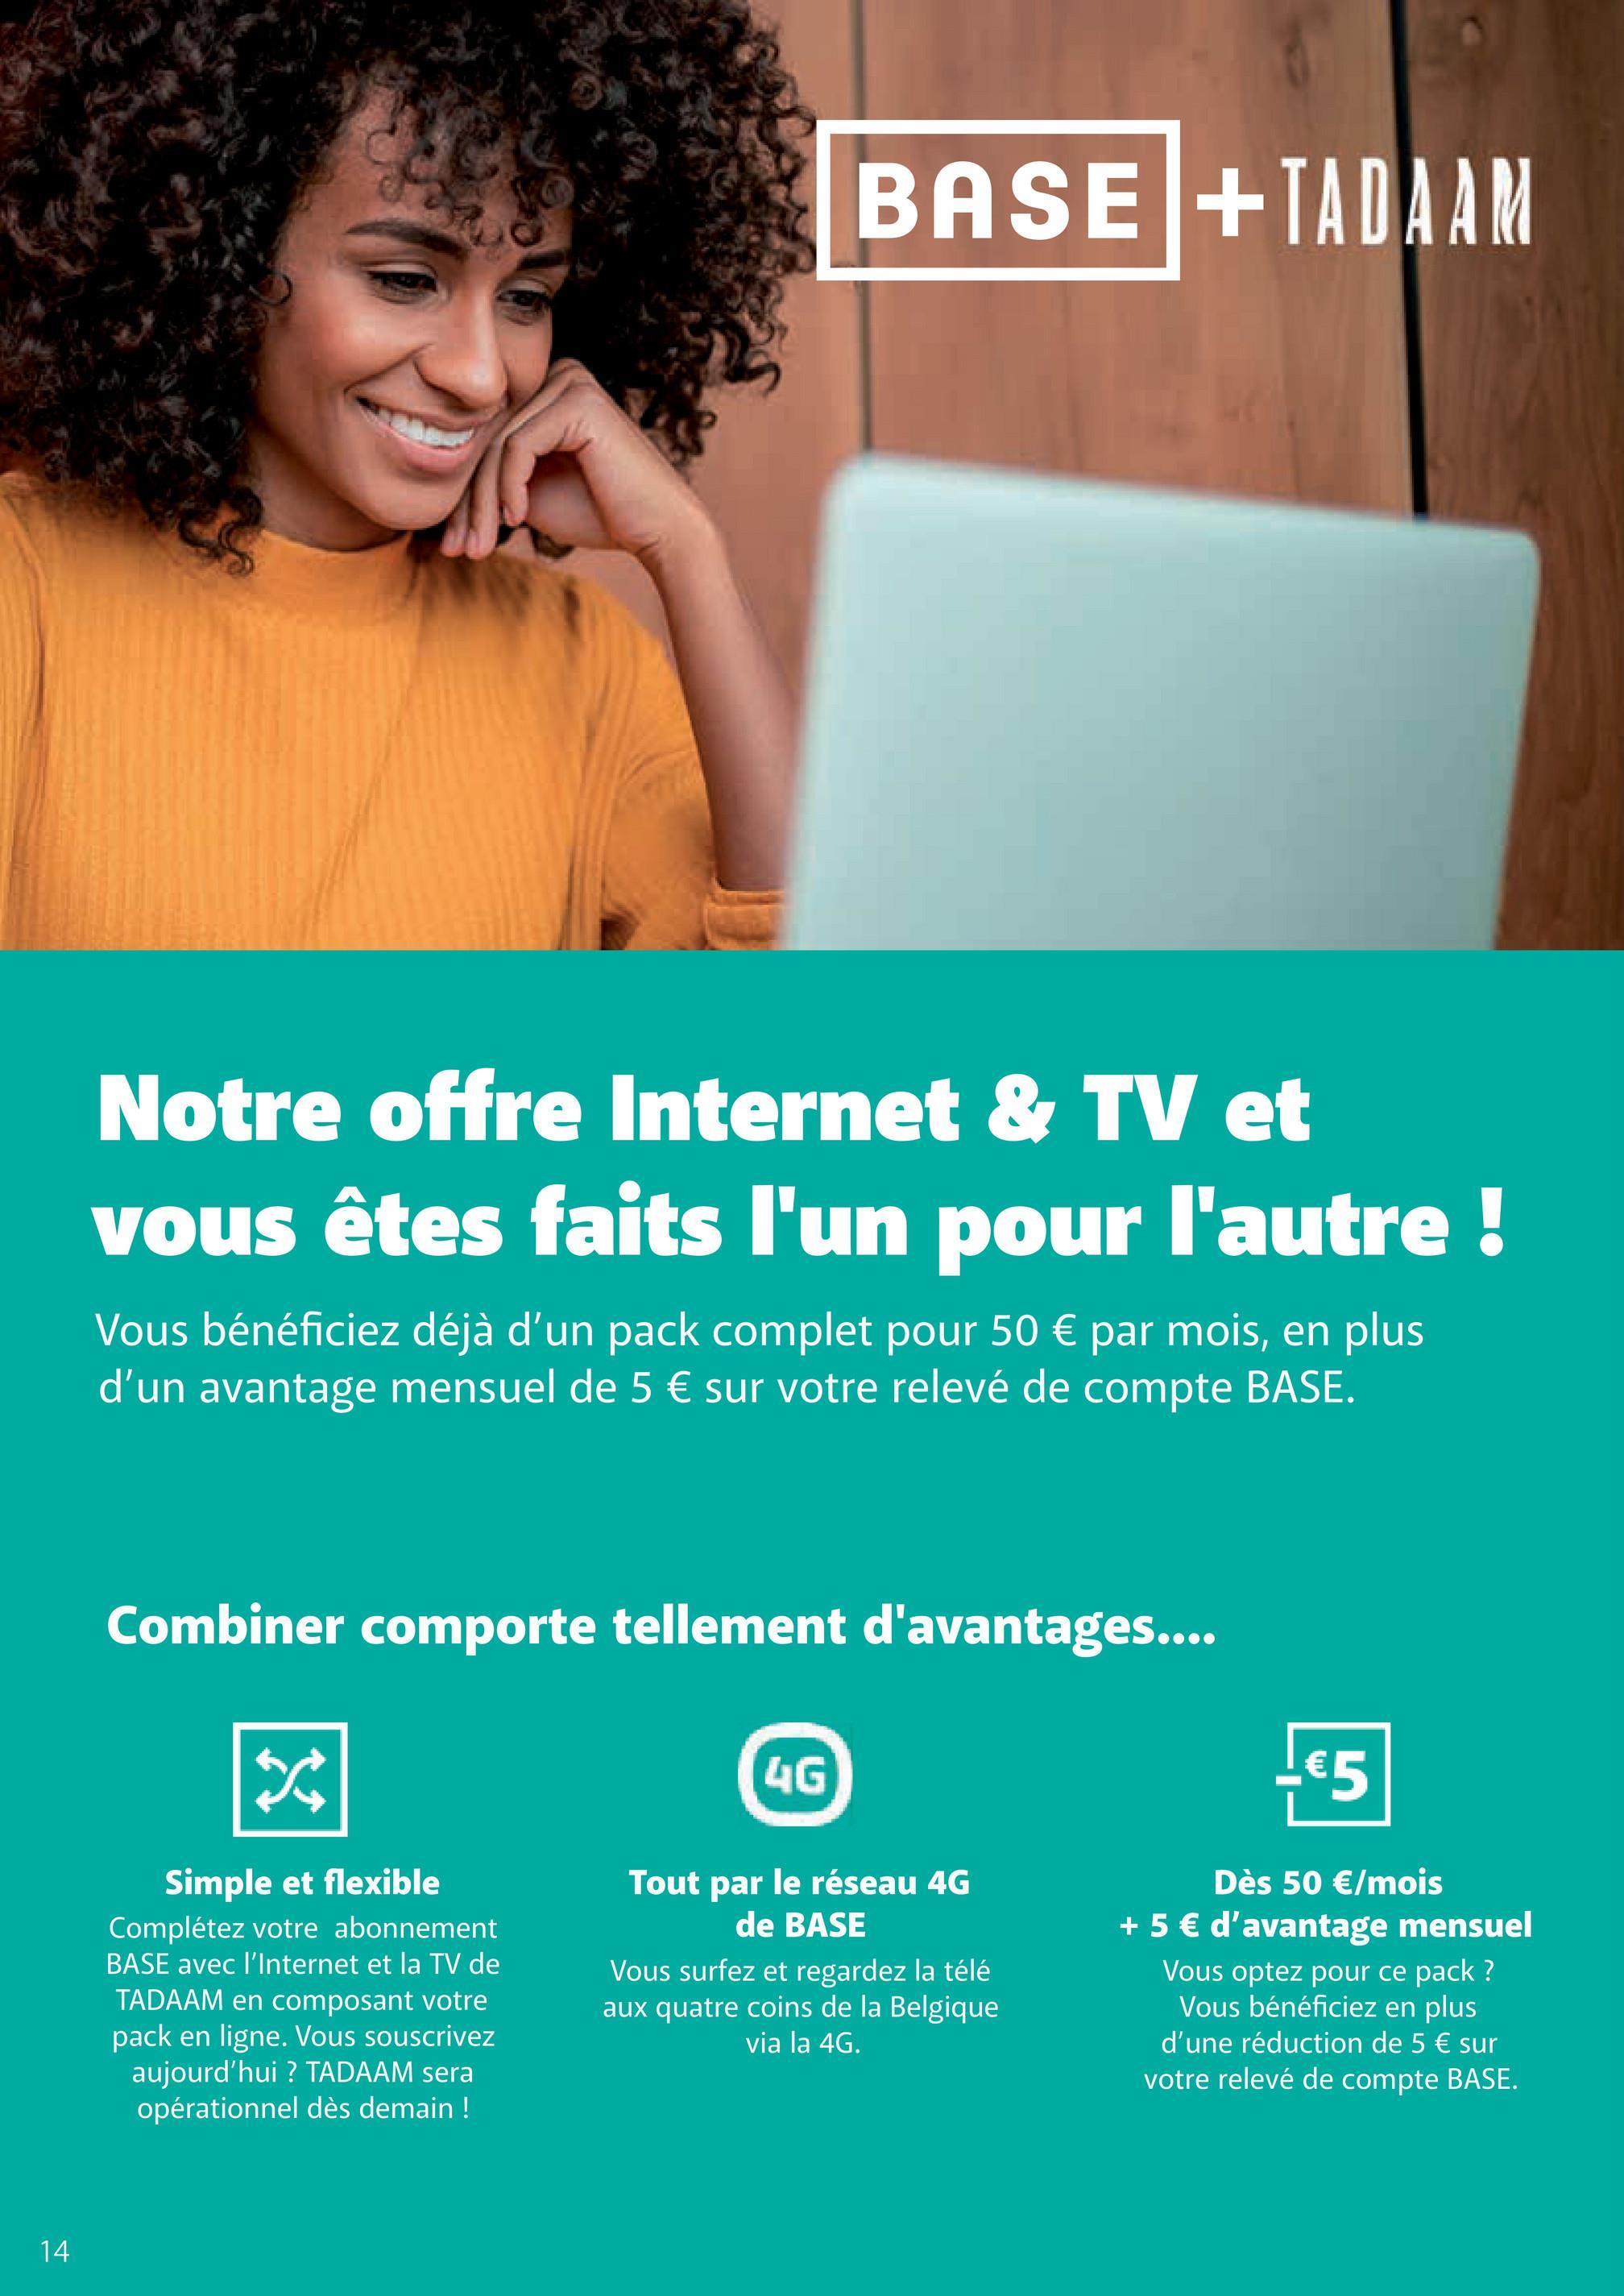 BASE +IADAAM Notre offre Internet & TV et vous êtes faits l'un pour l'autre ! Vous bénéficiez déjà d'un pack complet pour 50 € par mois, en plus d'un avantage mensuel de 5 € sur votre relevé de compte BASE. Combiner comporte tellement d'avantages.... 次 4G €5 Simple et flexible Complétez votre abonnement BASE avec l'Internet et la TV de TADAAM en composant votre pack en ligne. Vous souscrivez aujourd'hui ? TADAAM sera opérationnel dès demain ! Tout par le réseau 4G de BASE Vous surfez et regardez la télé aux quatre coins de la Belgique via la 4G. Dès 50 €/mois + 5 € d'avantage mensuel Vous optez pour ce pack? Vous bénéficiez en plus d'une réduction de 5 € sur votre relevé de compte BASE. 14